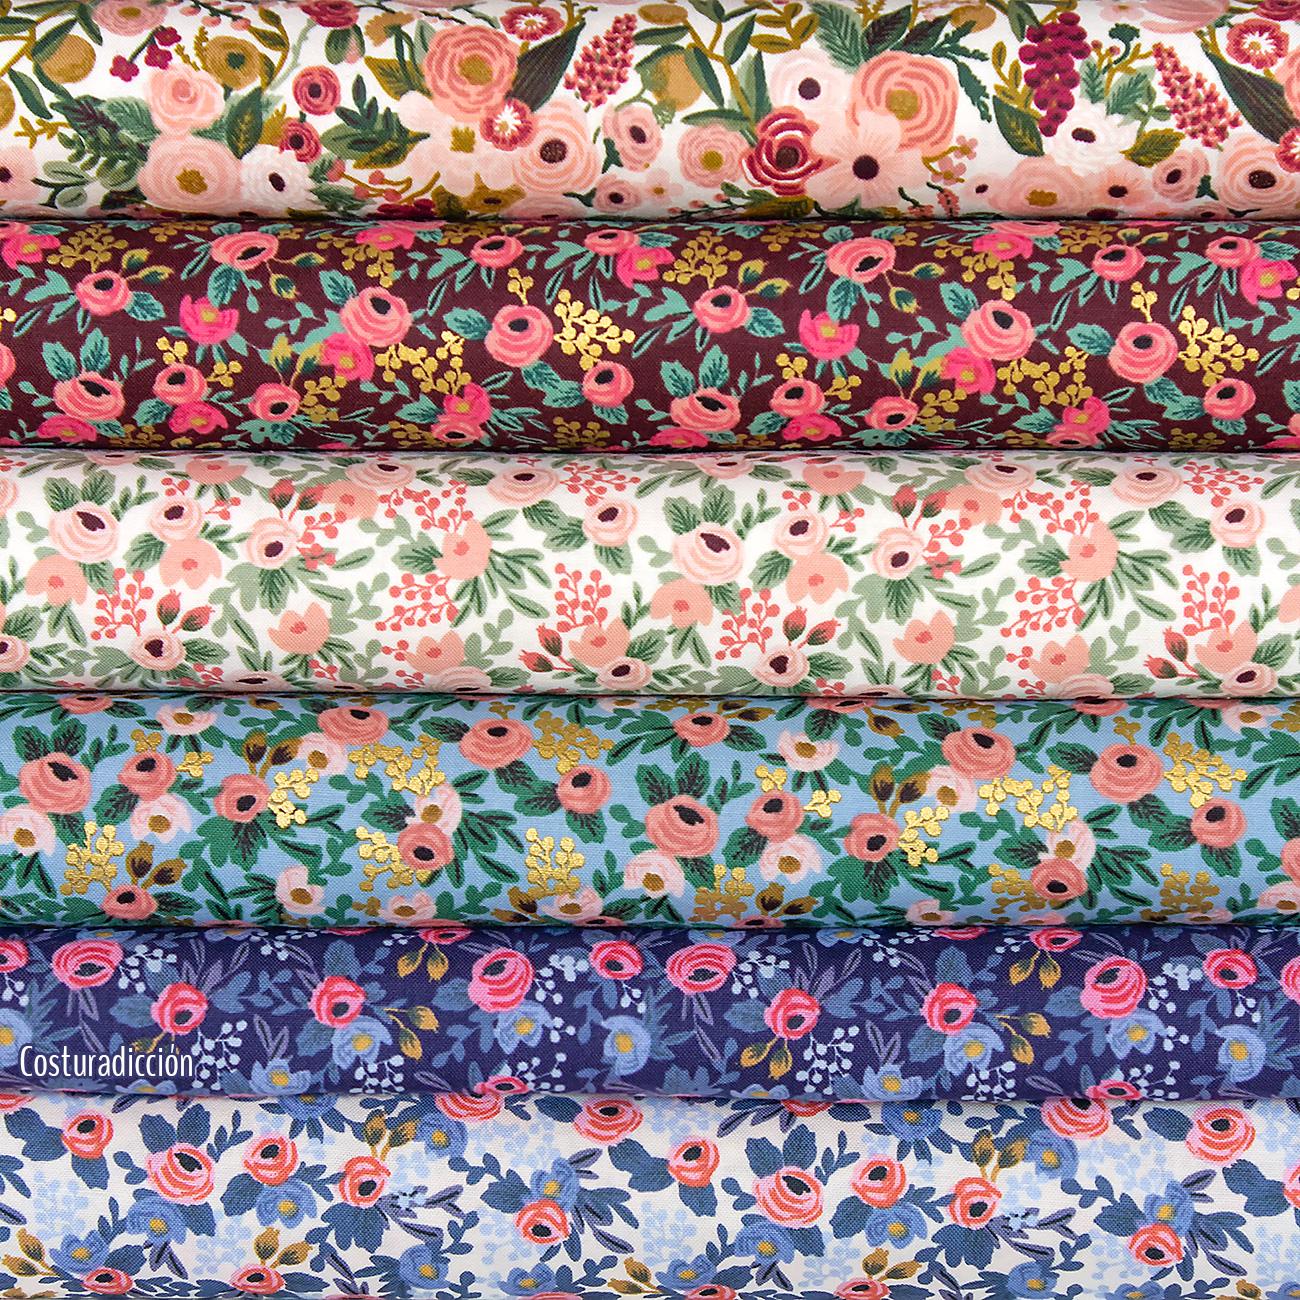 Imagen de producto: https://tienda.costuradiccion.com/img/articulos/secundarias14532-tela-rifle-paper-garden-party-rosa-algodon-medio-metro-6.jpg